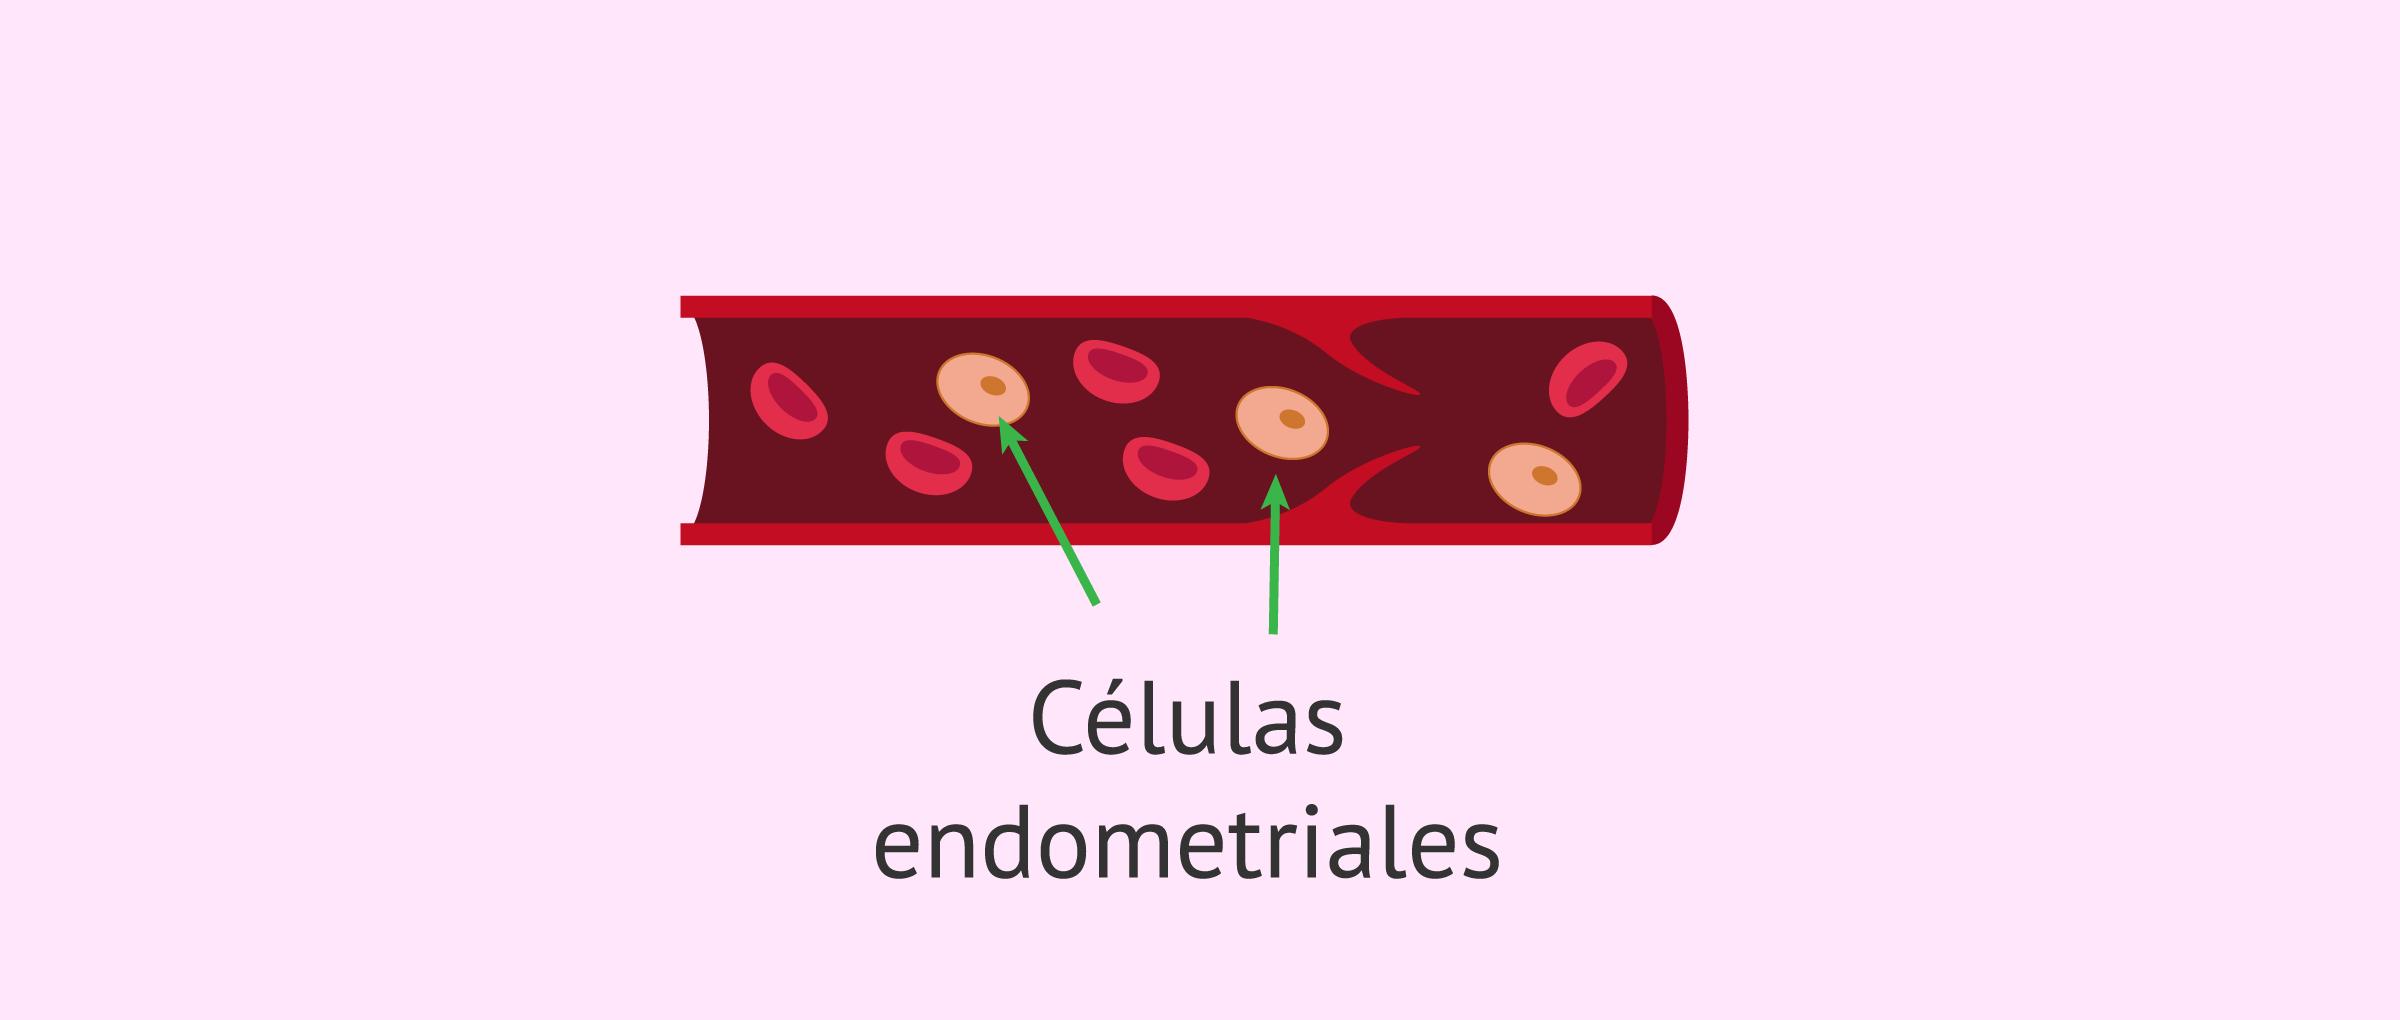 Teoría de la diseminación vascular o linfática